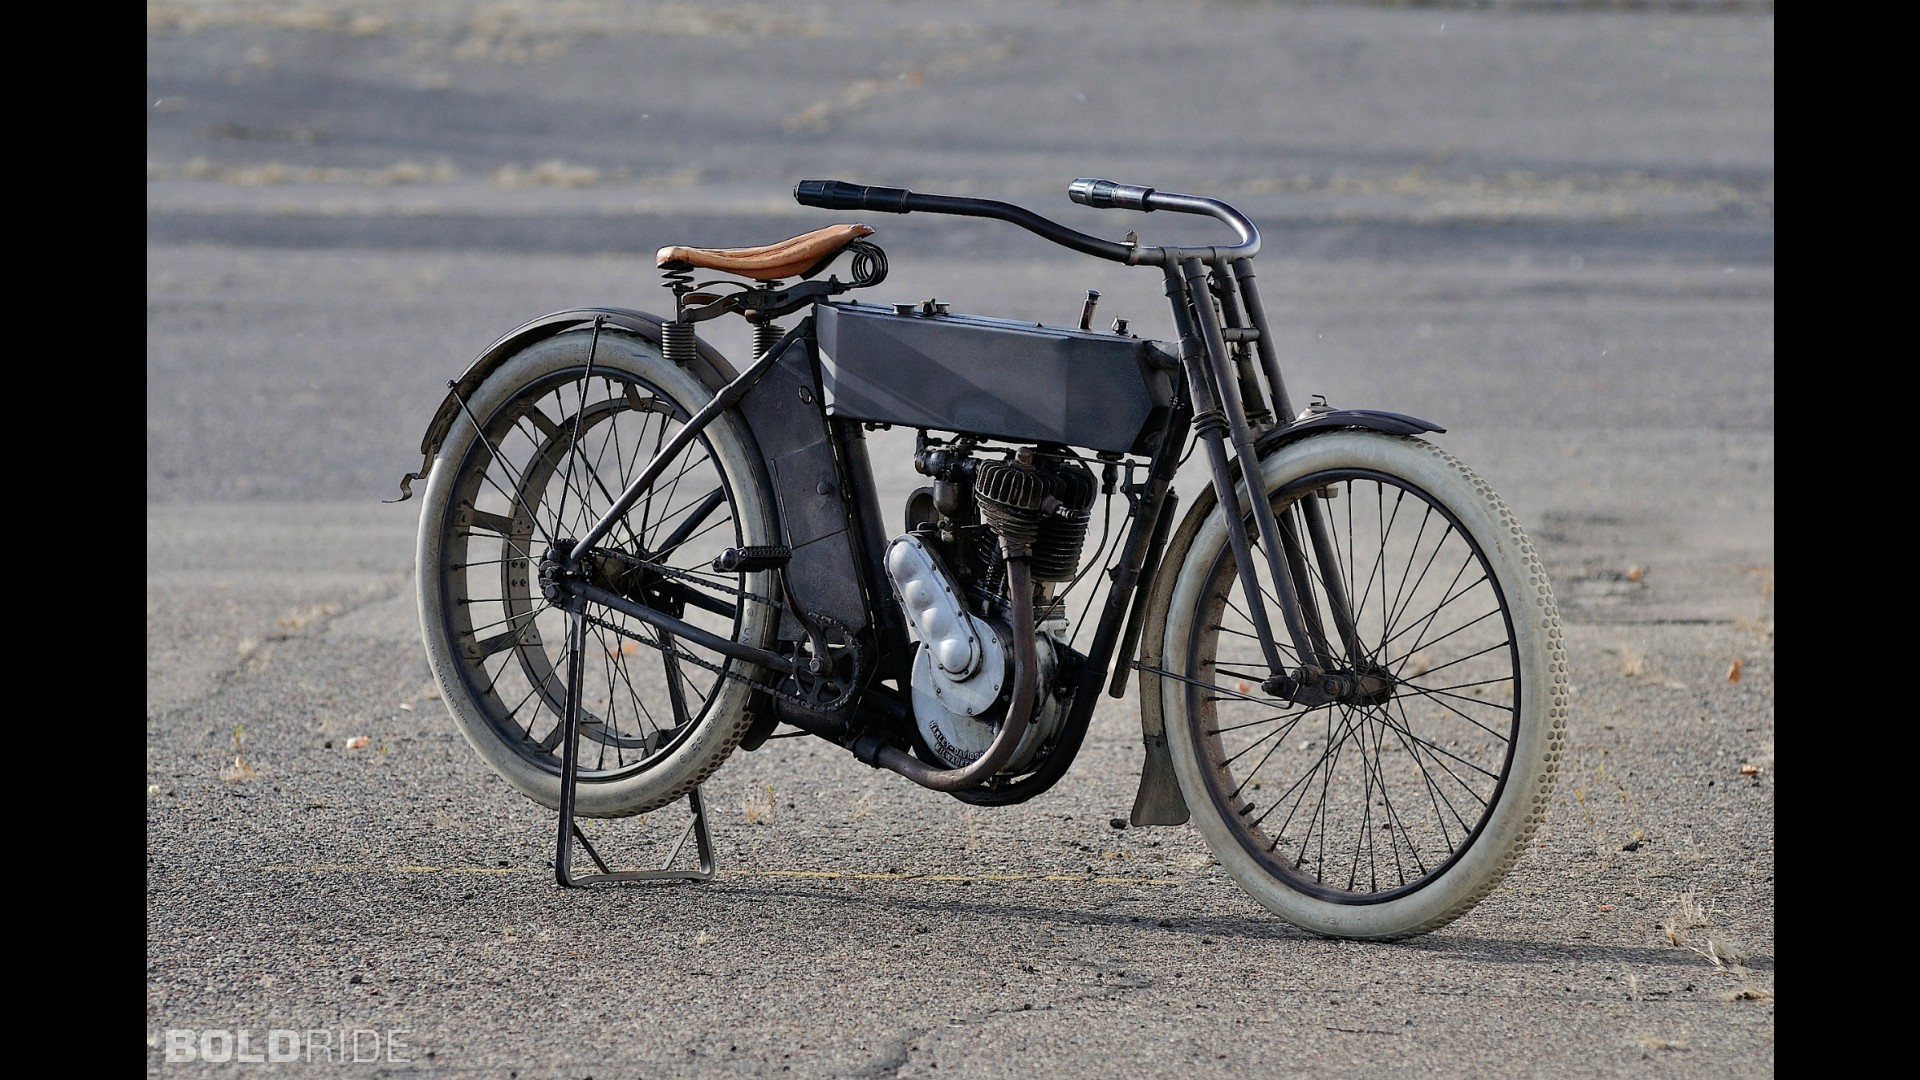 Harley davidson 7 a single cylinder - Sigle harley davidson ...